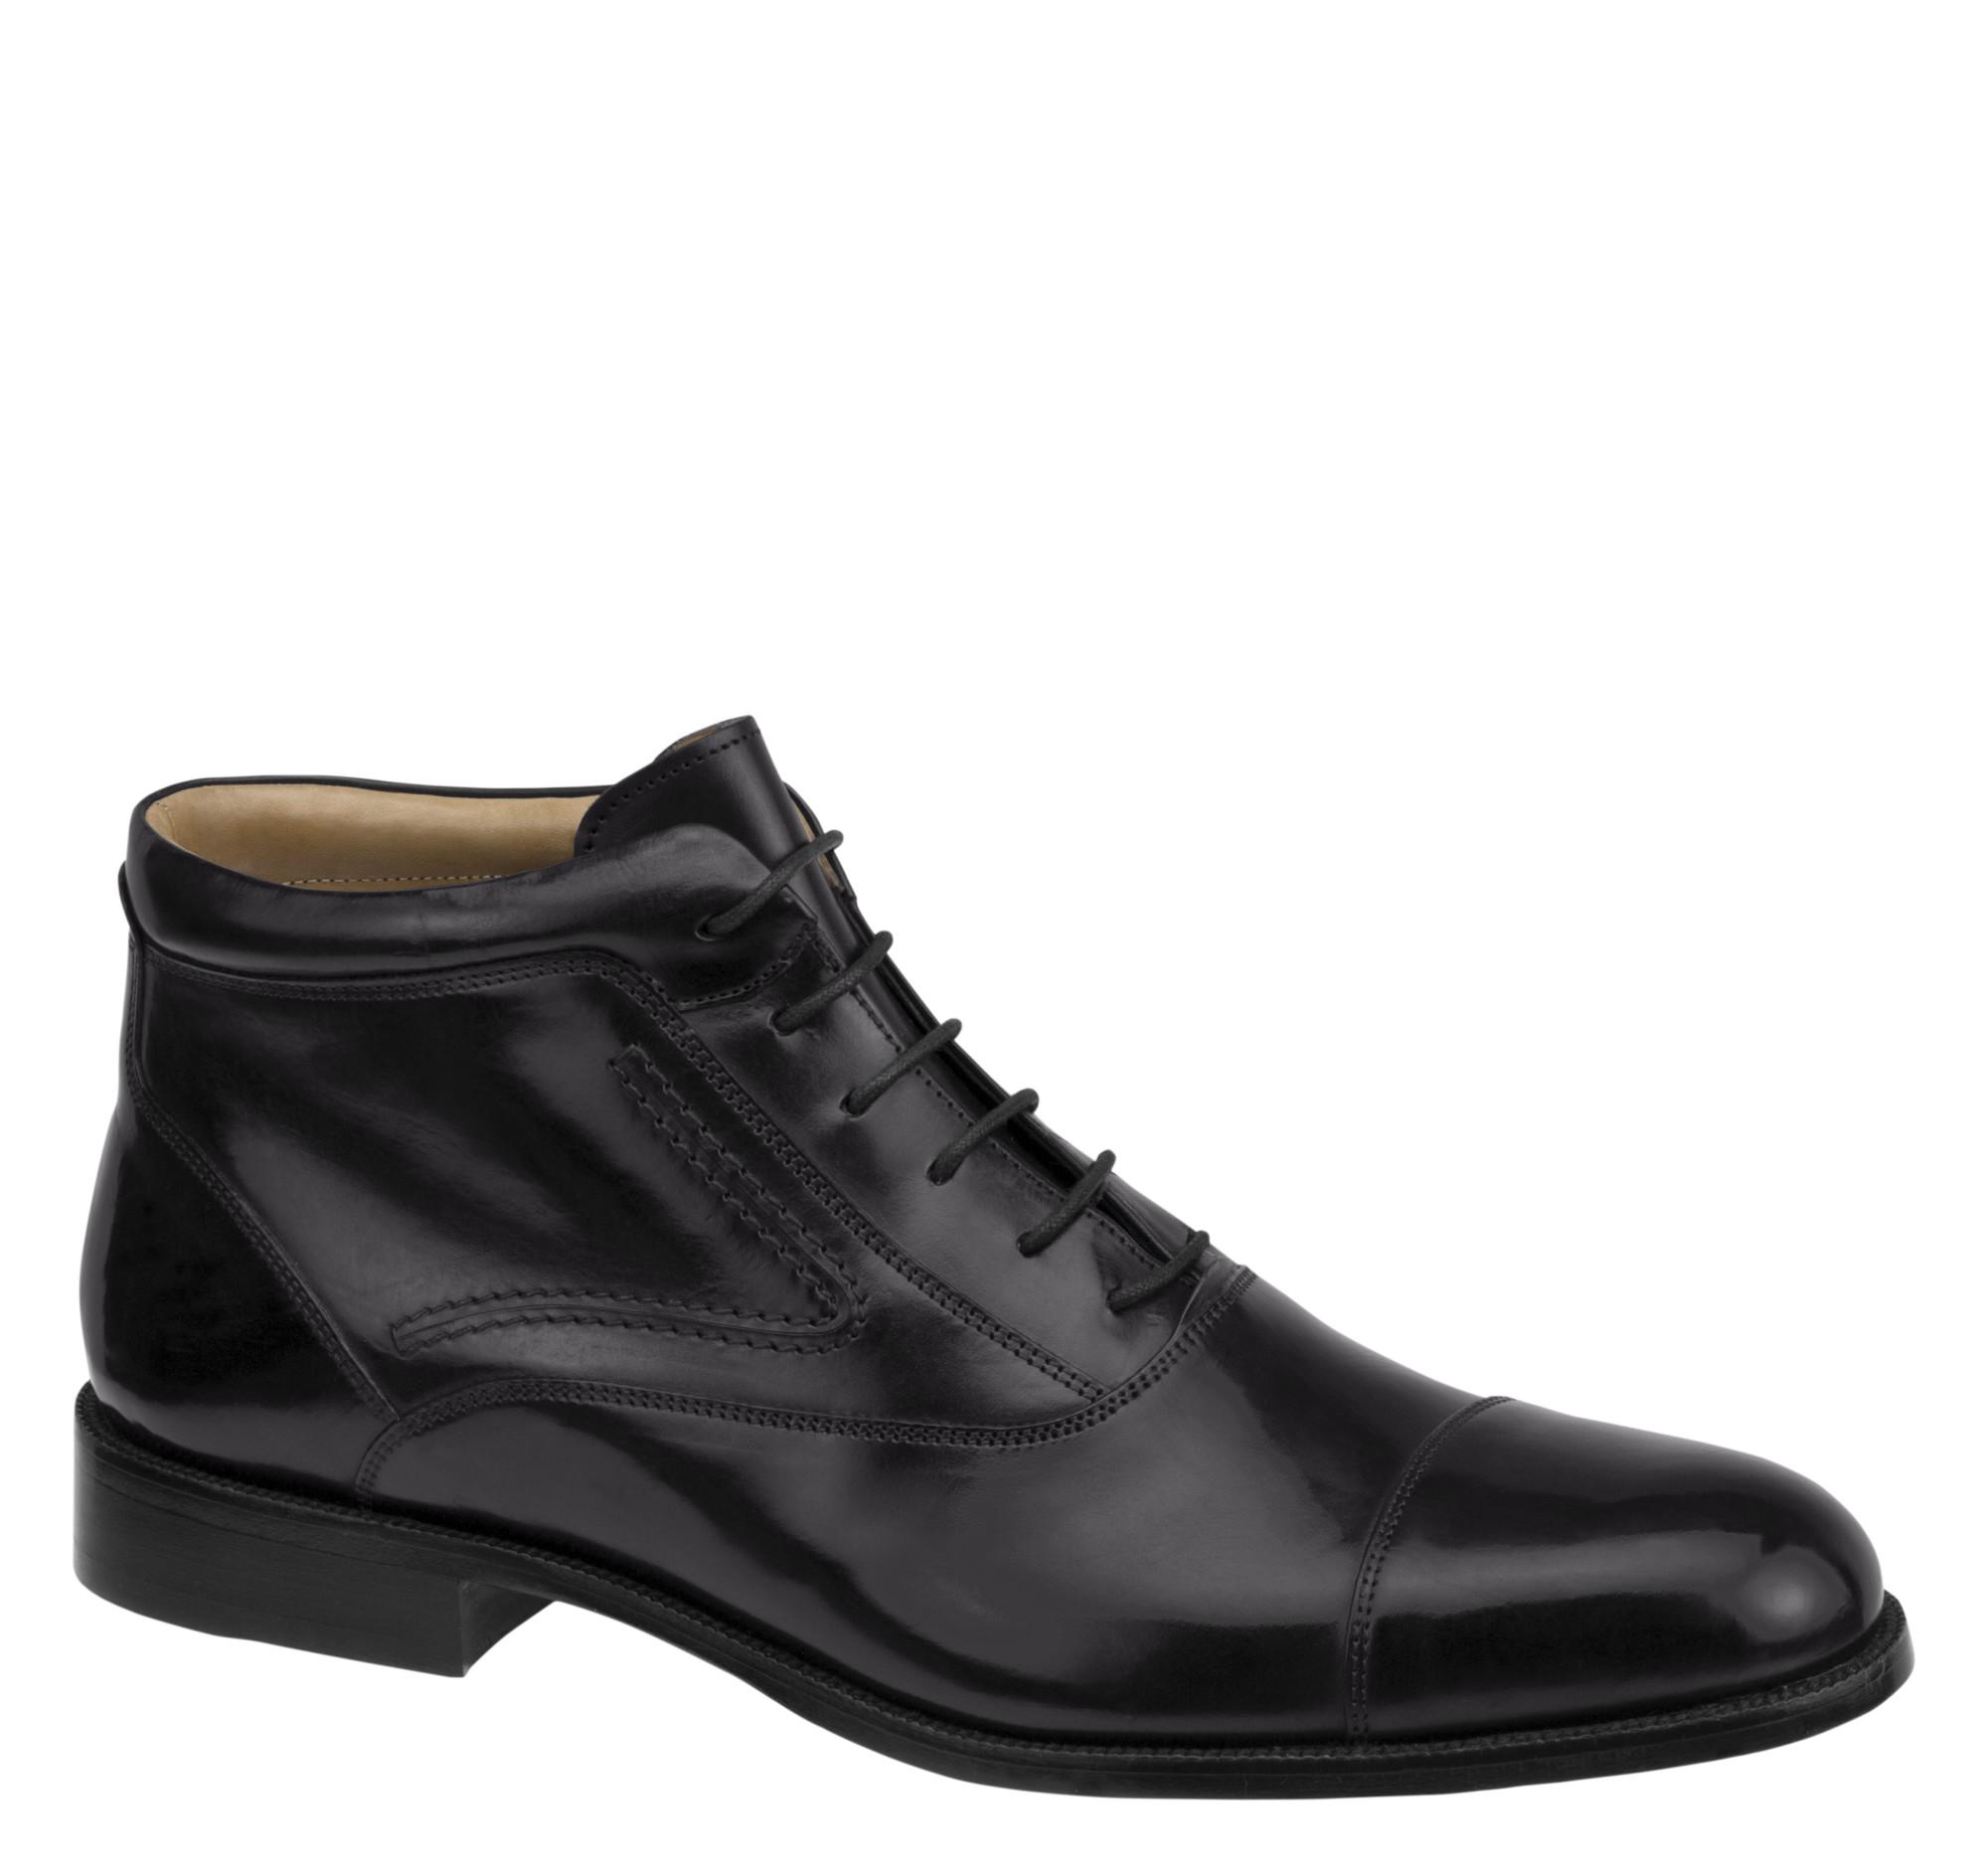 Johnston & Murphy Stratton Cap Toe Boots